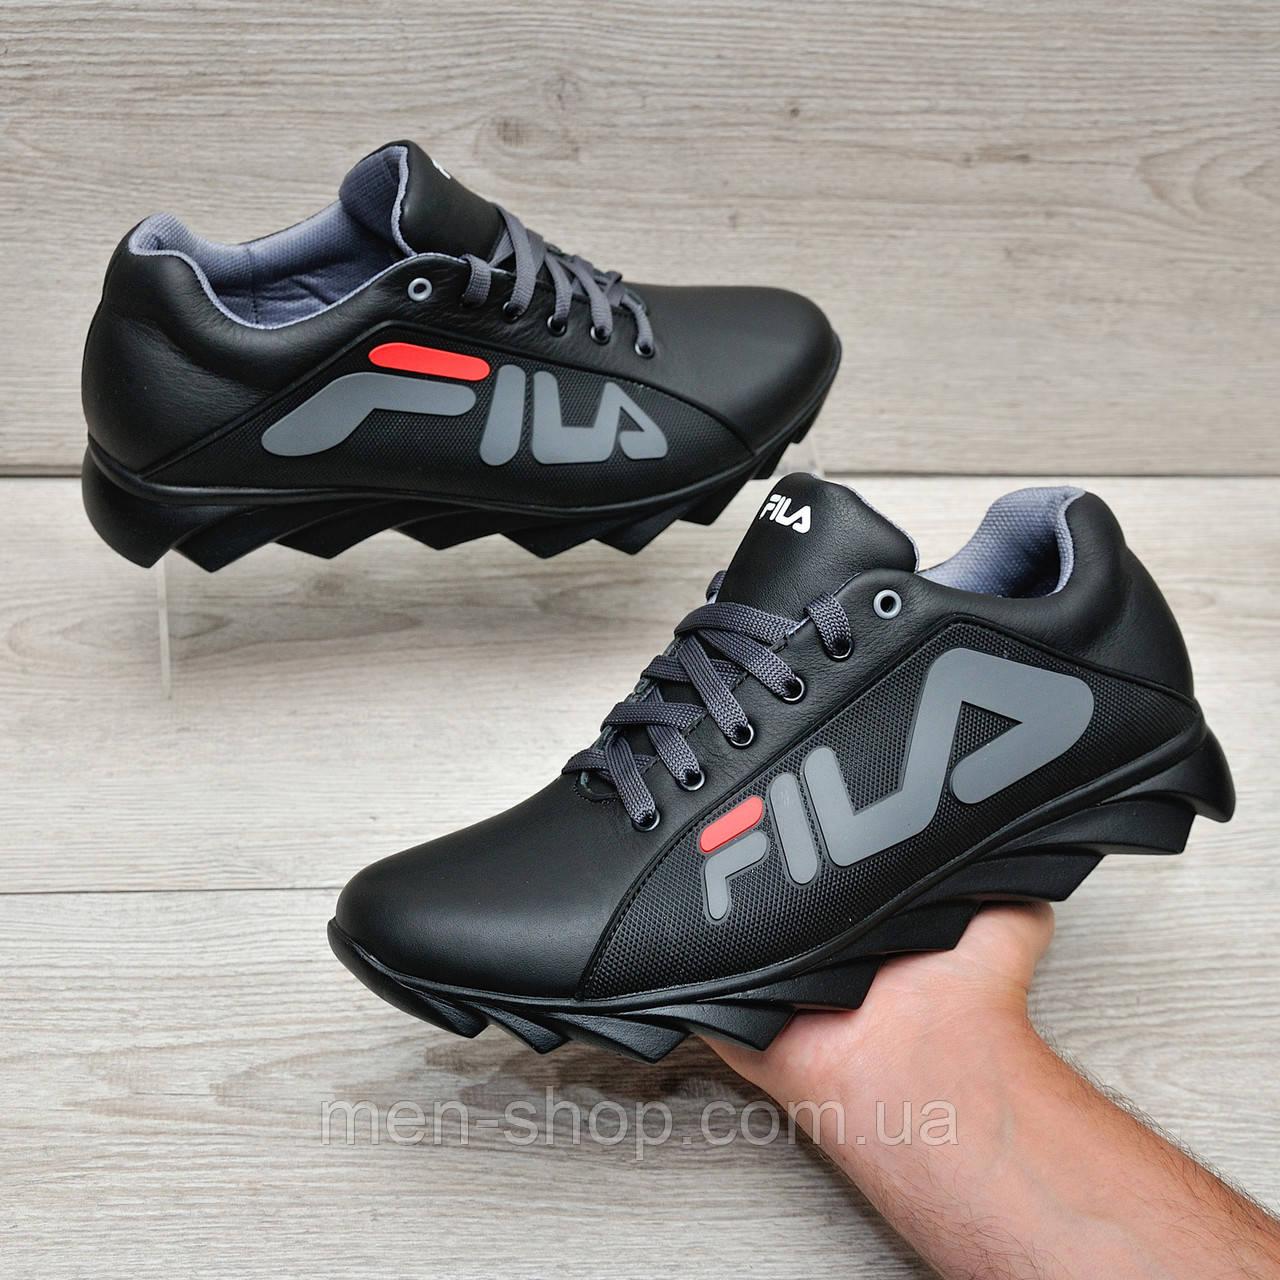 Кожаные кроссовки в стиле Fila